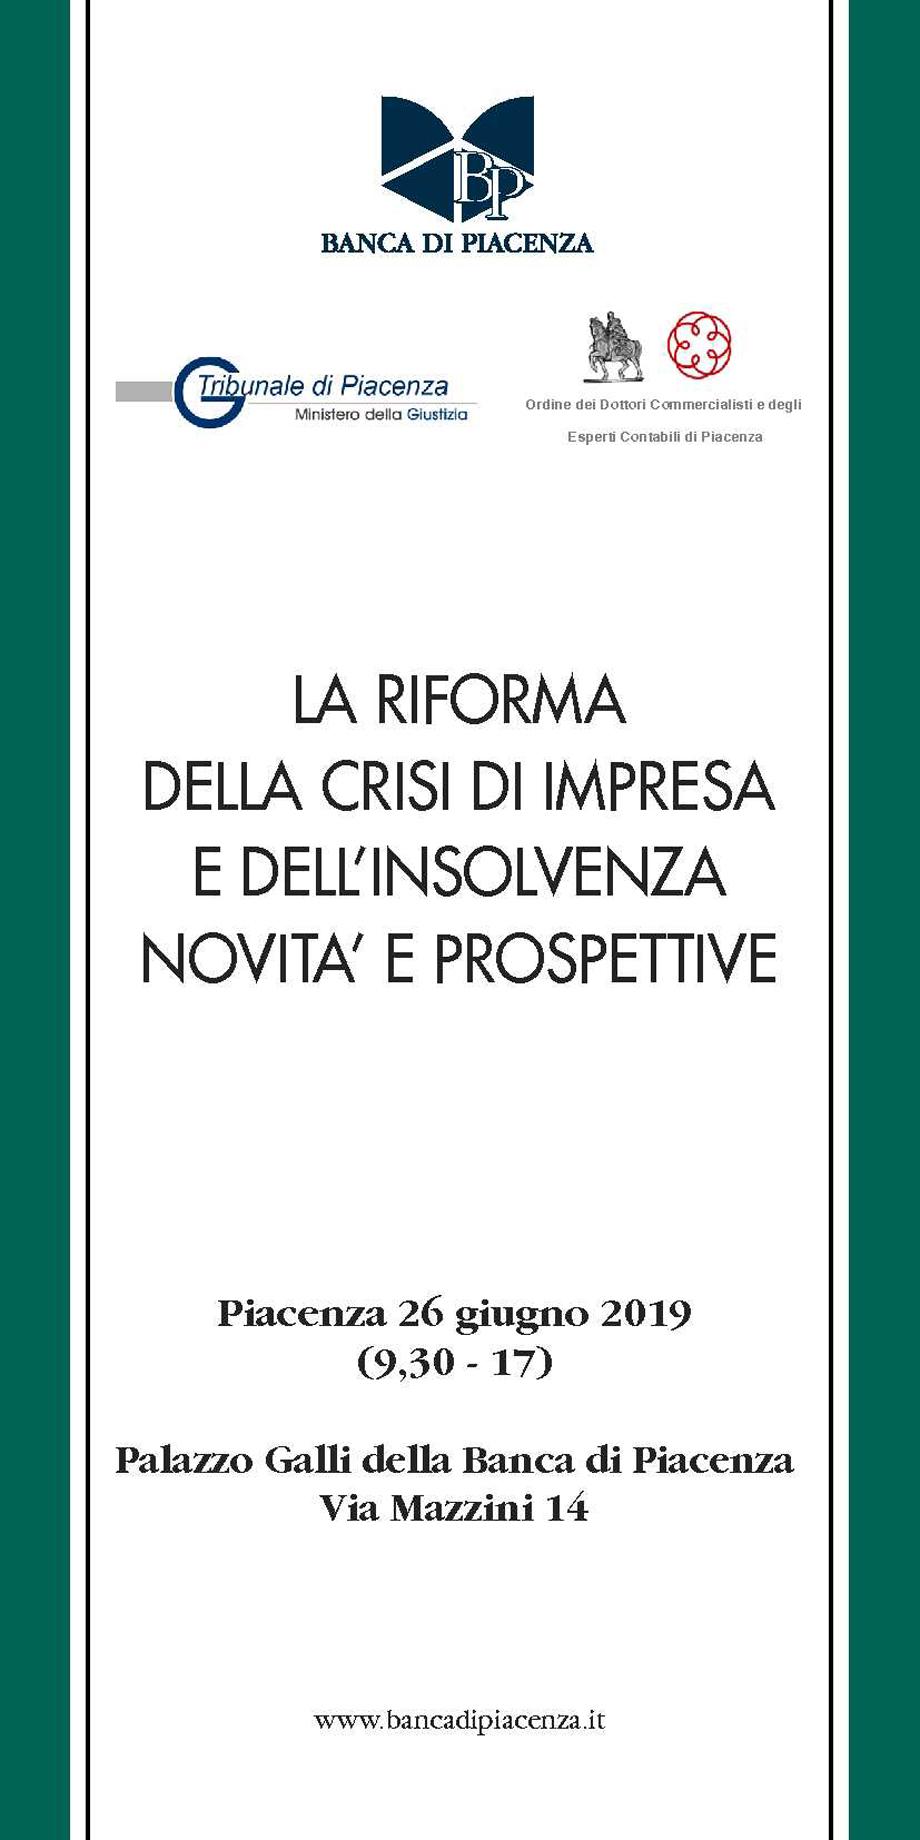 1996ddddb8 IL NUOVO FALLIMENTO SOTTO LA LENTE DI GIUDICI, AVVOCATI E COMMERCIALISTI